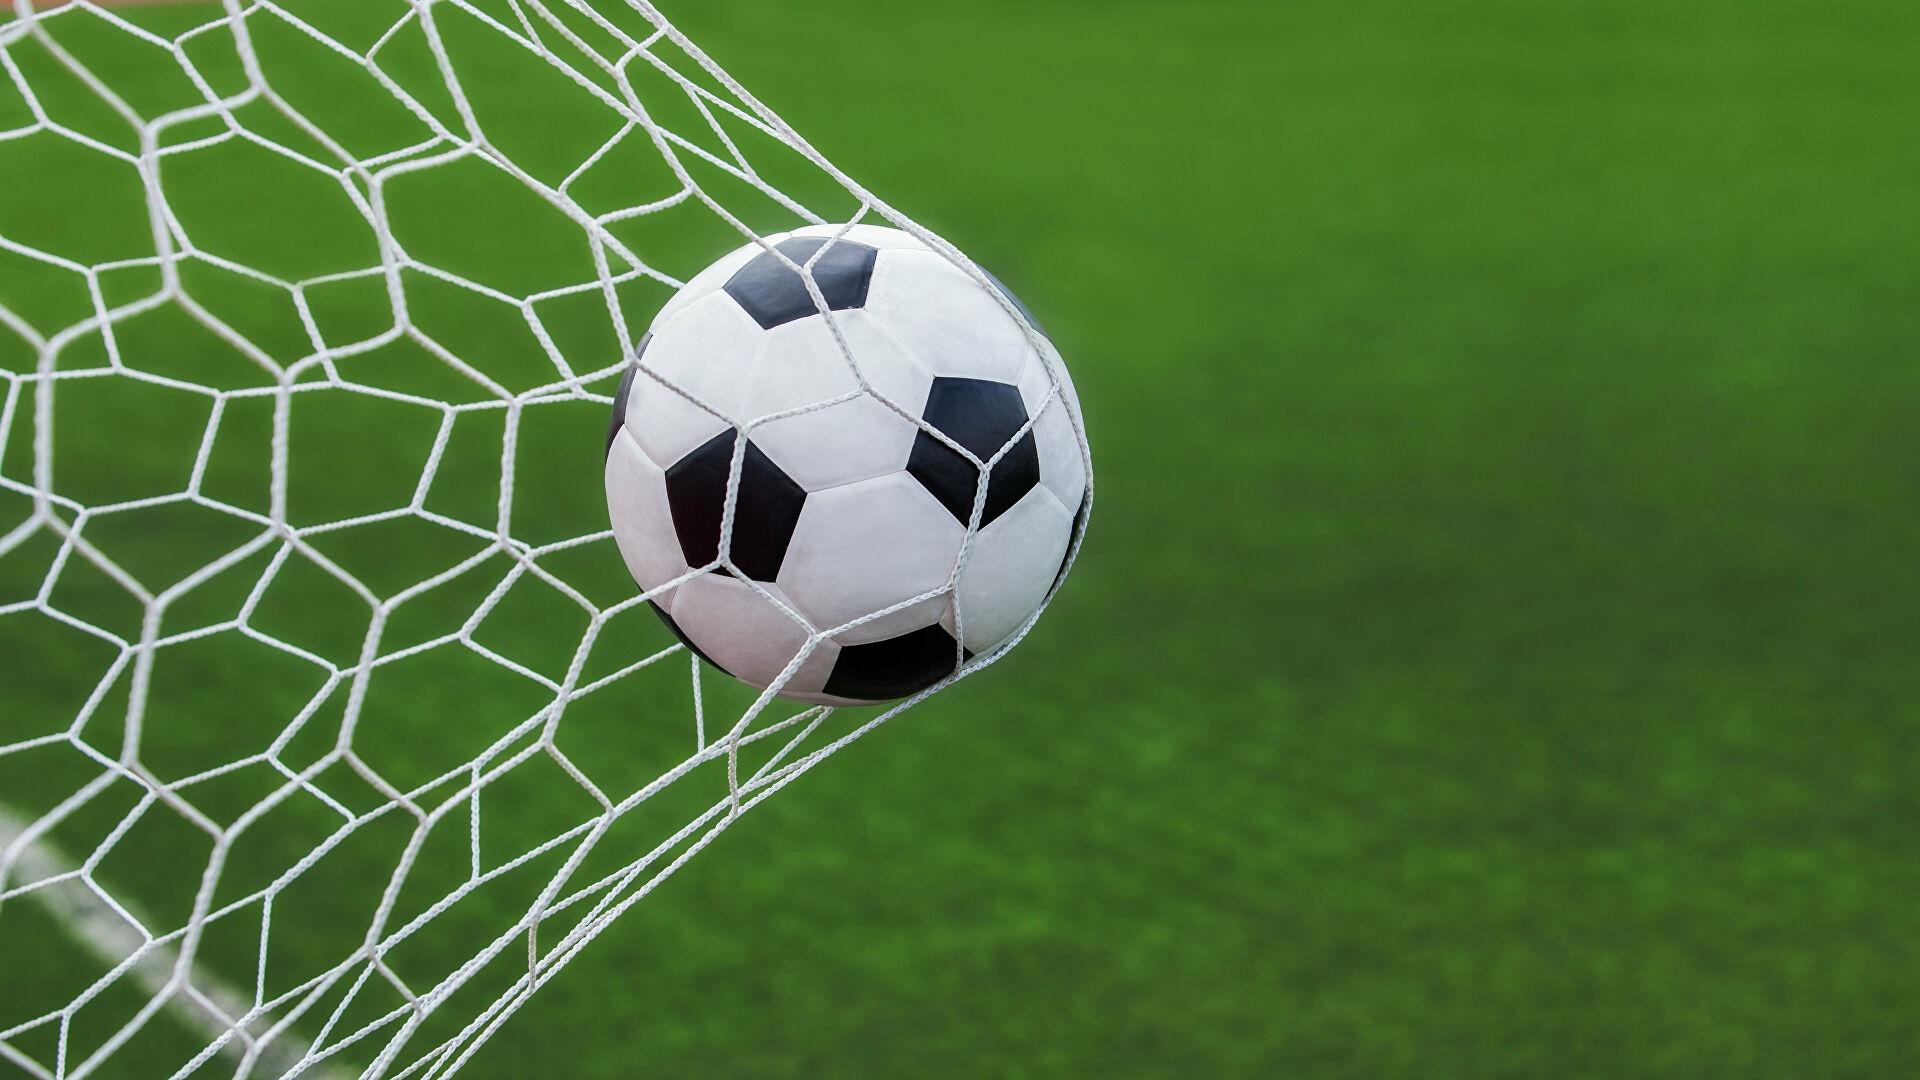 Soccer free wallpaper